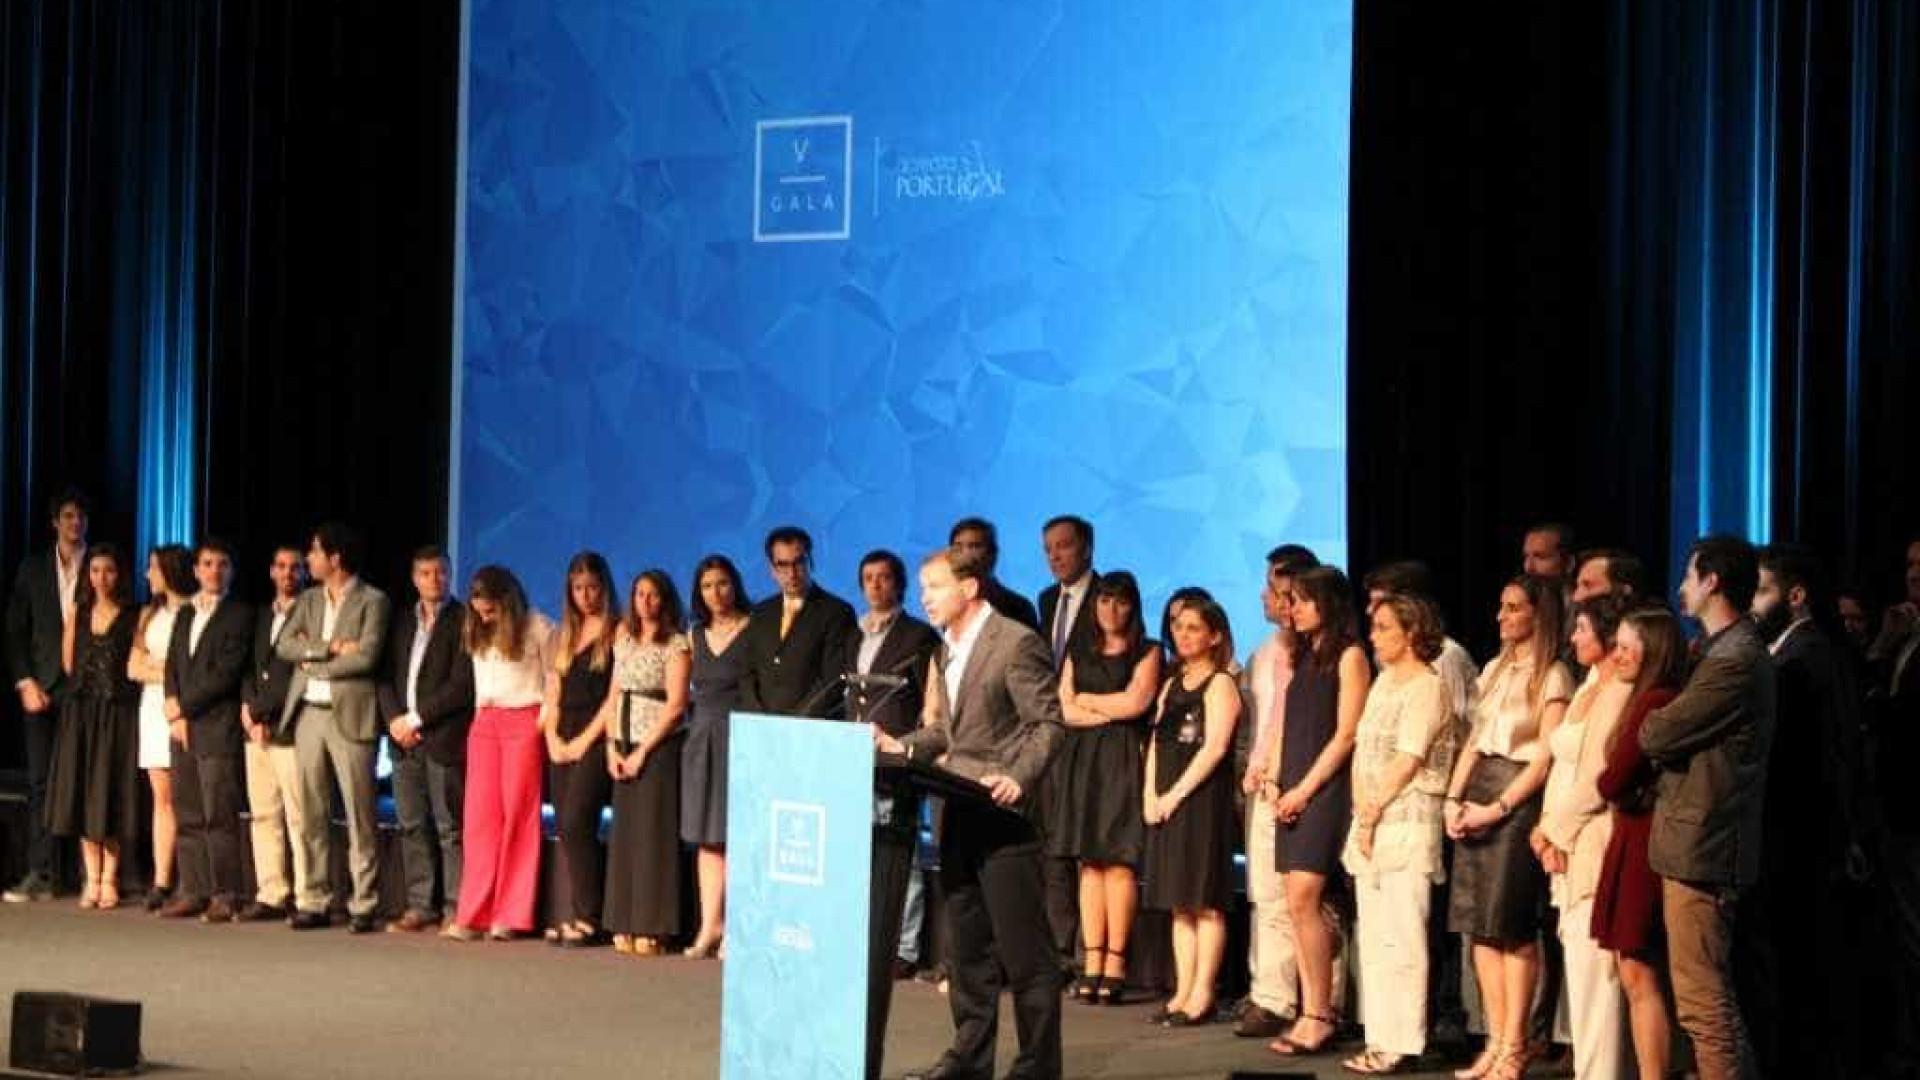 Conhecidos finalistas do maior concurso português de empreendedorismo